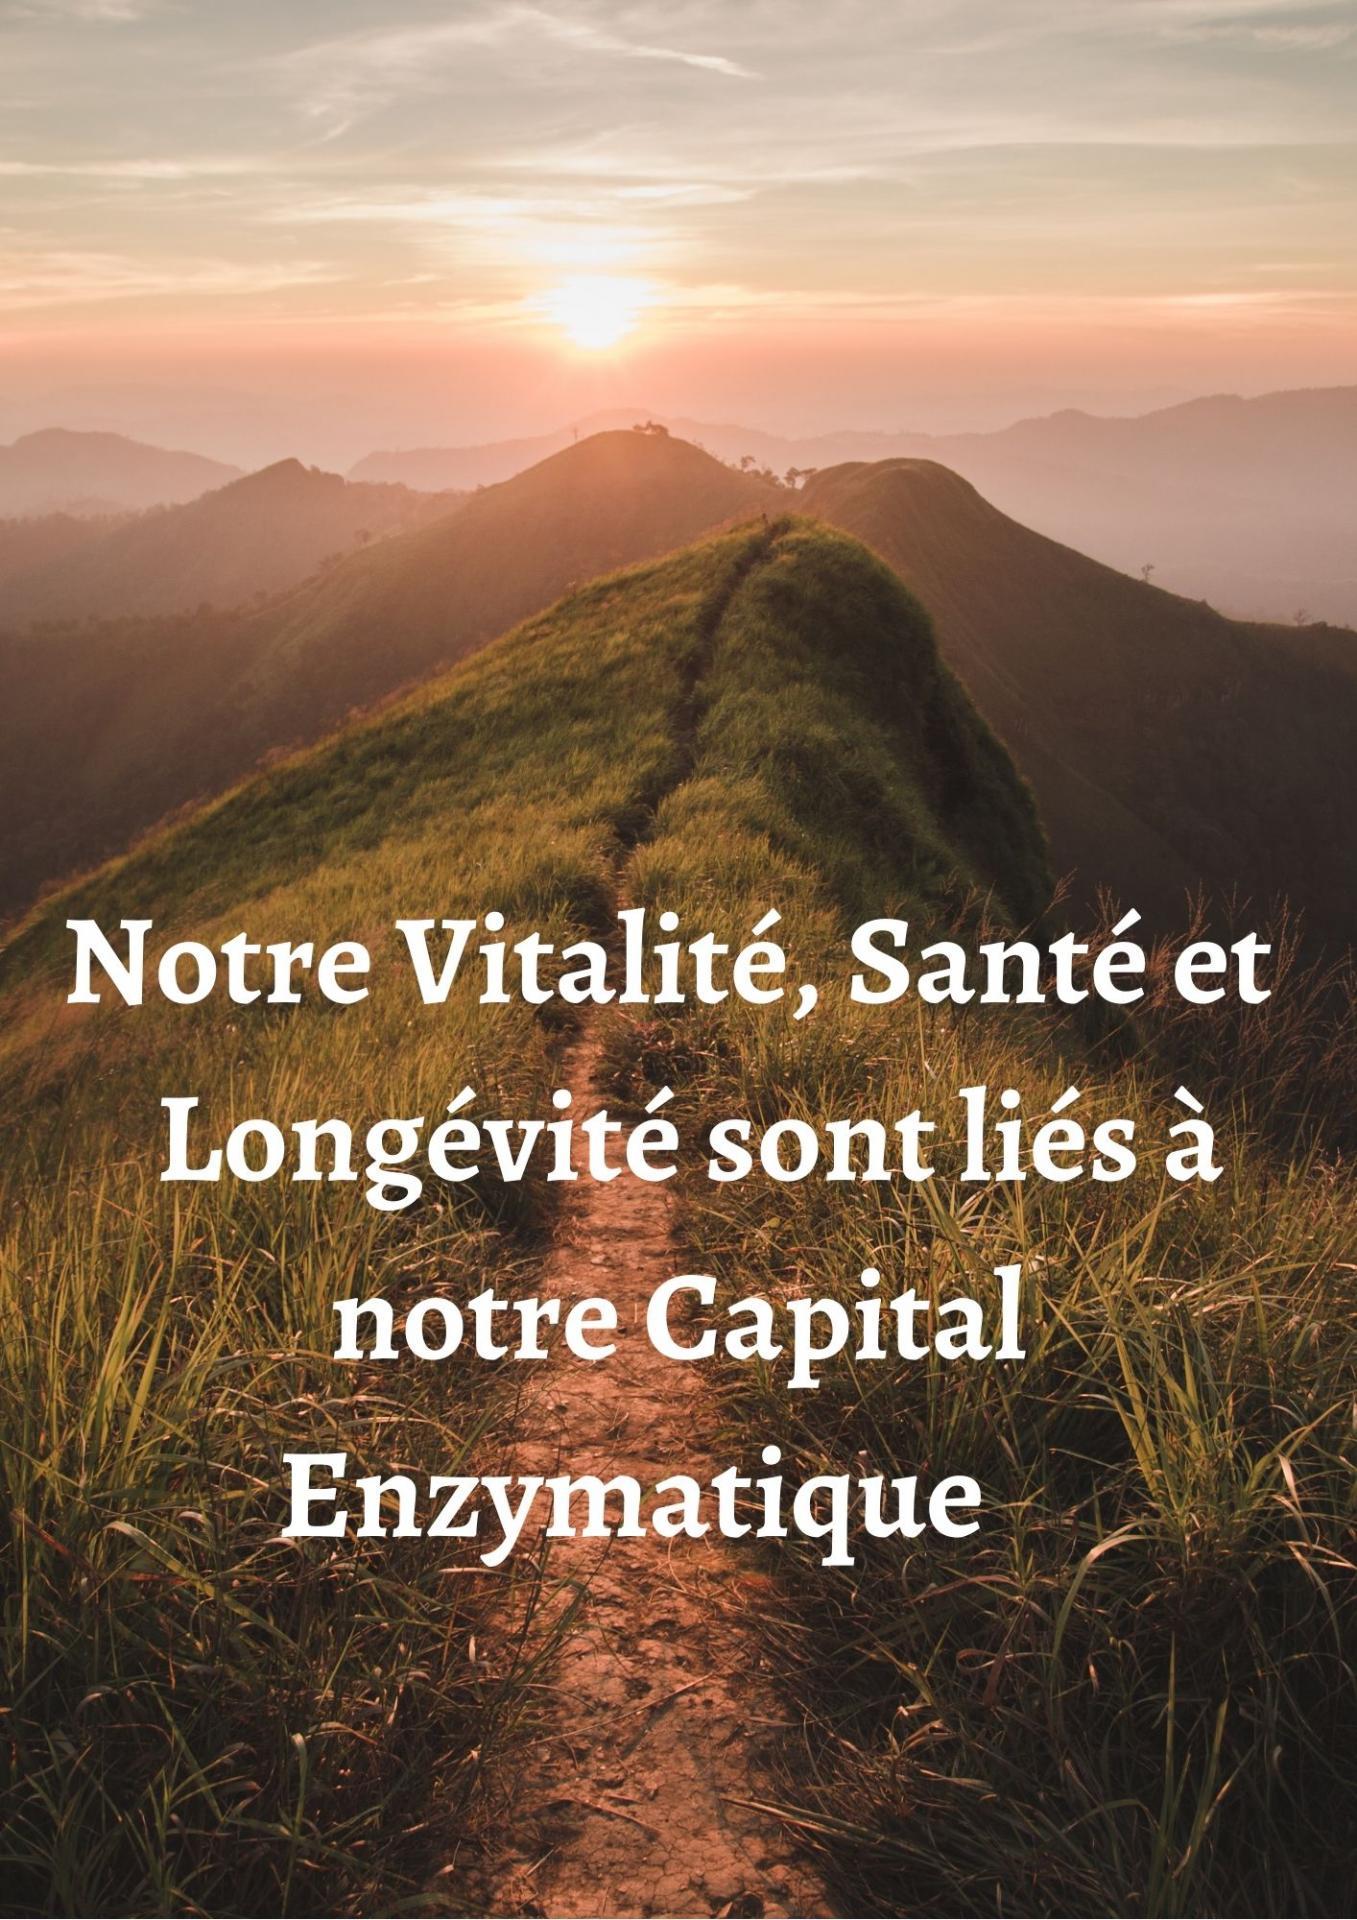 Notre vitalite sante et longe vite sont lie s a notre capital enzymatique 1